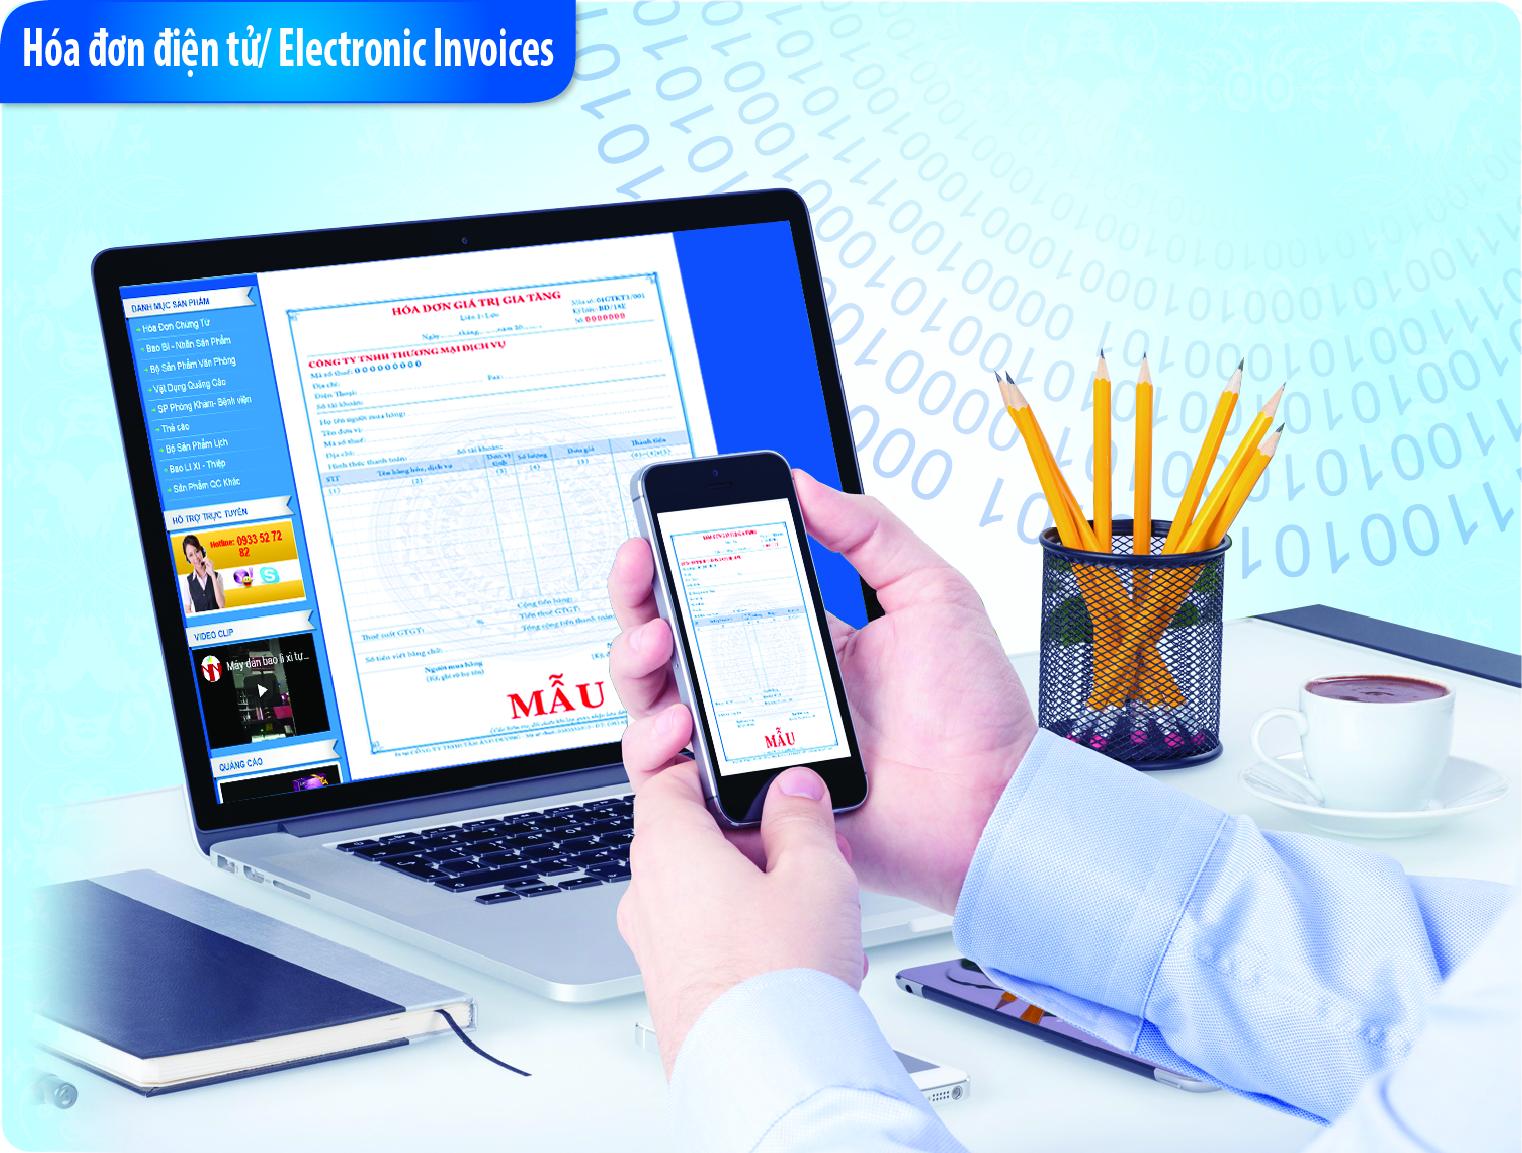 Cung cấp dịch vụ hóa đơn điện tử